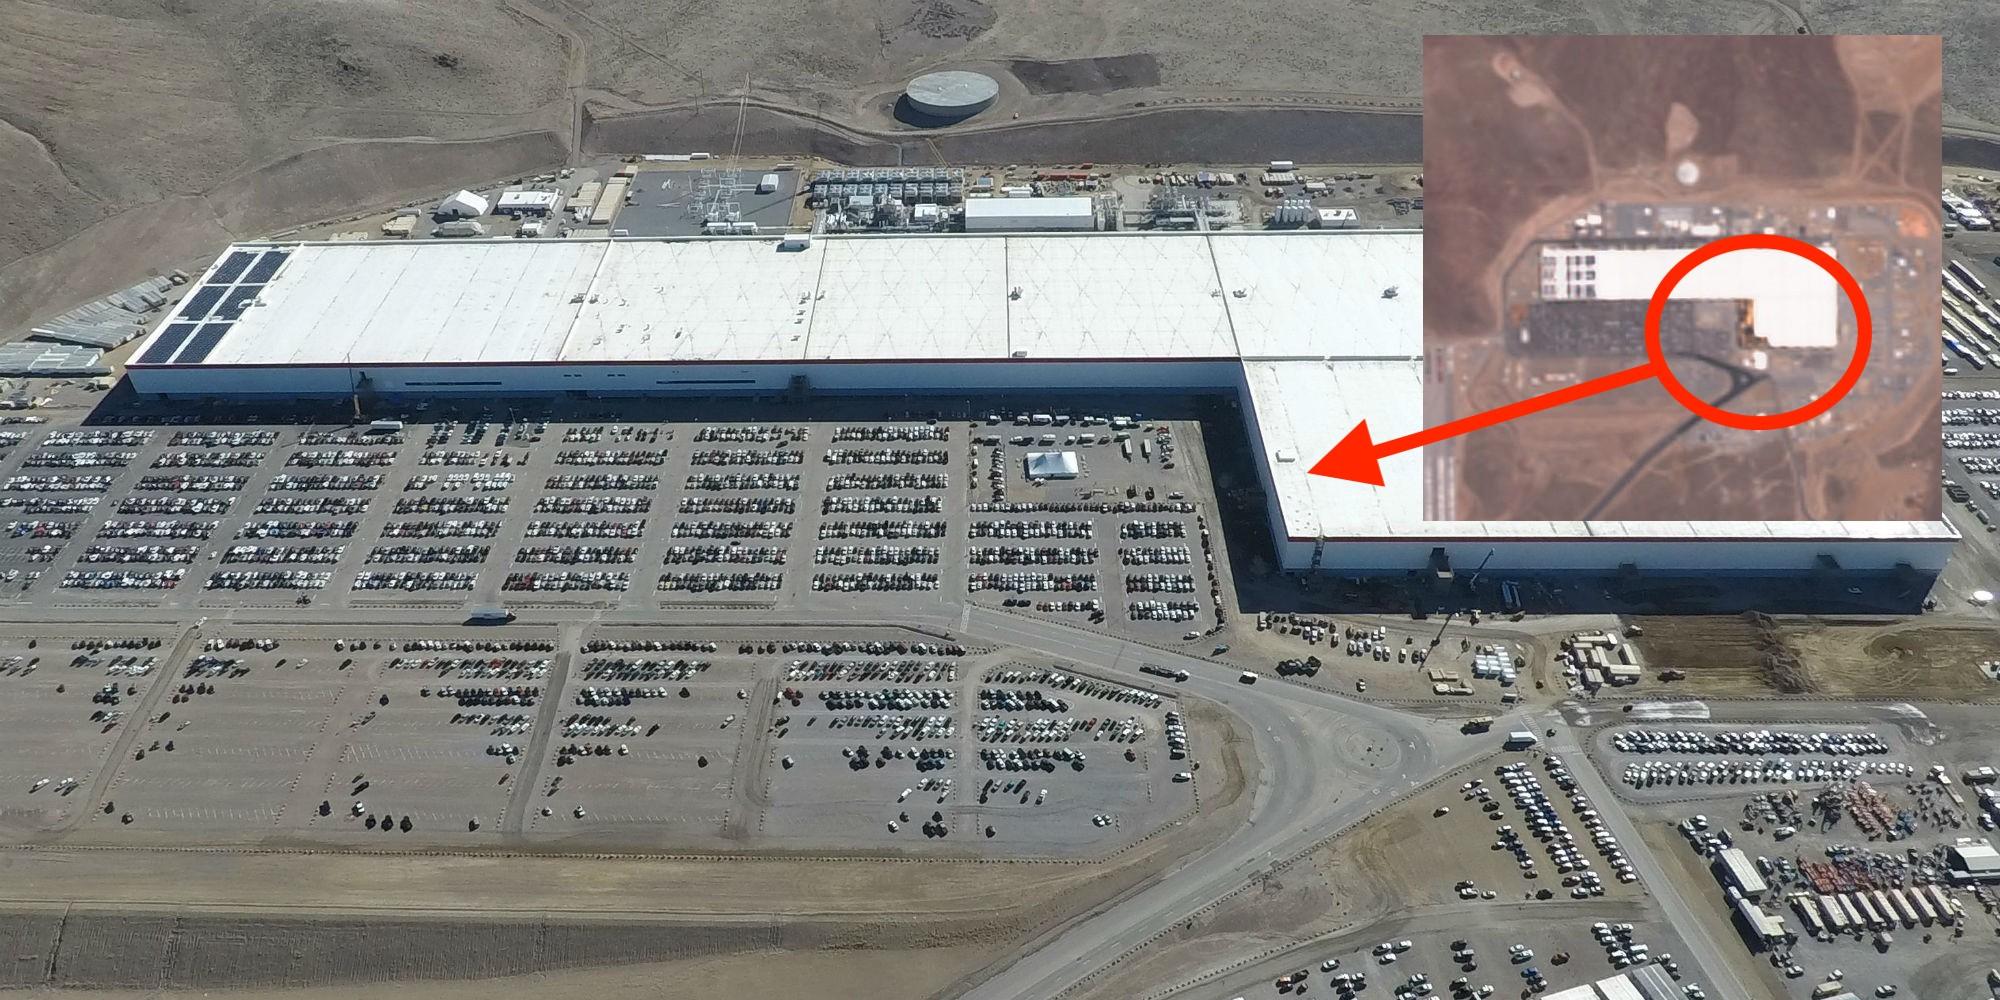 Tesla-Gigafactory-1-061820-update